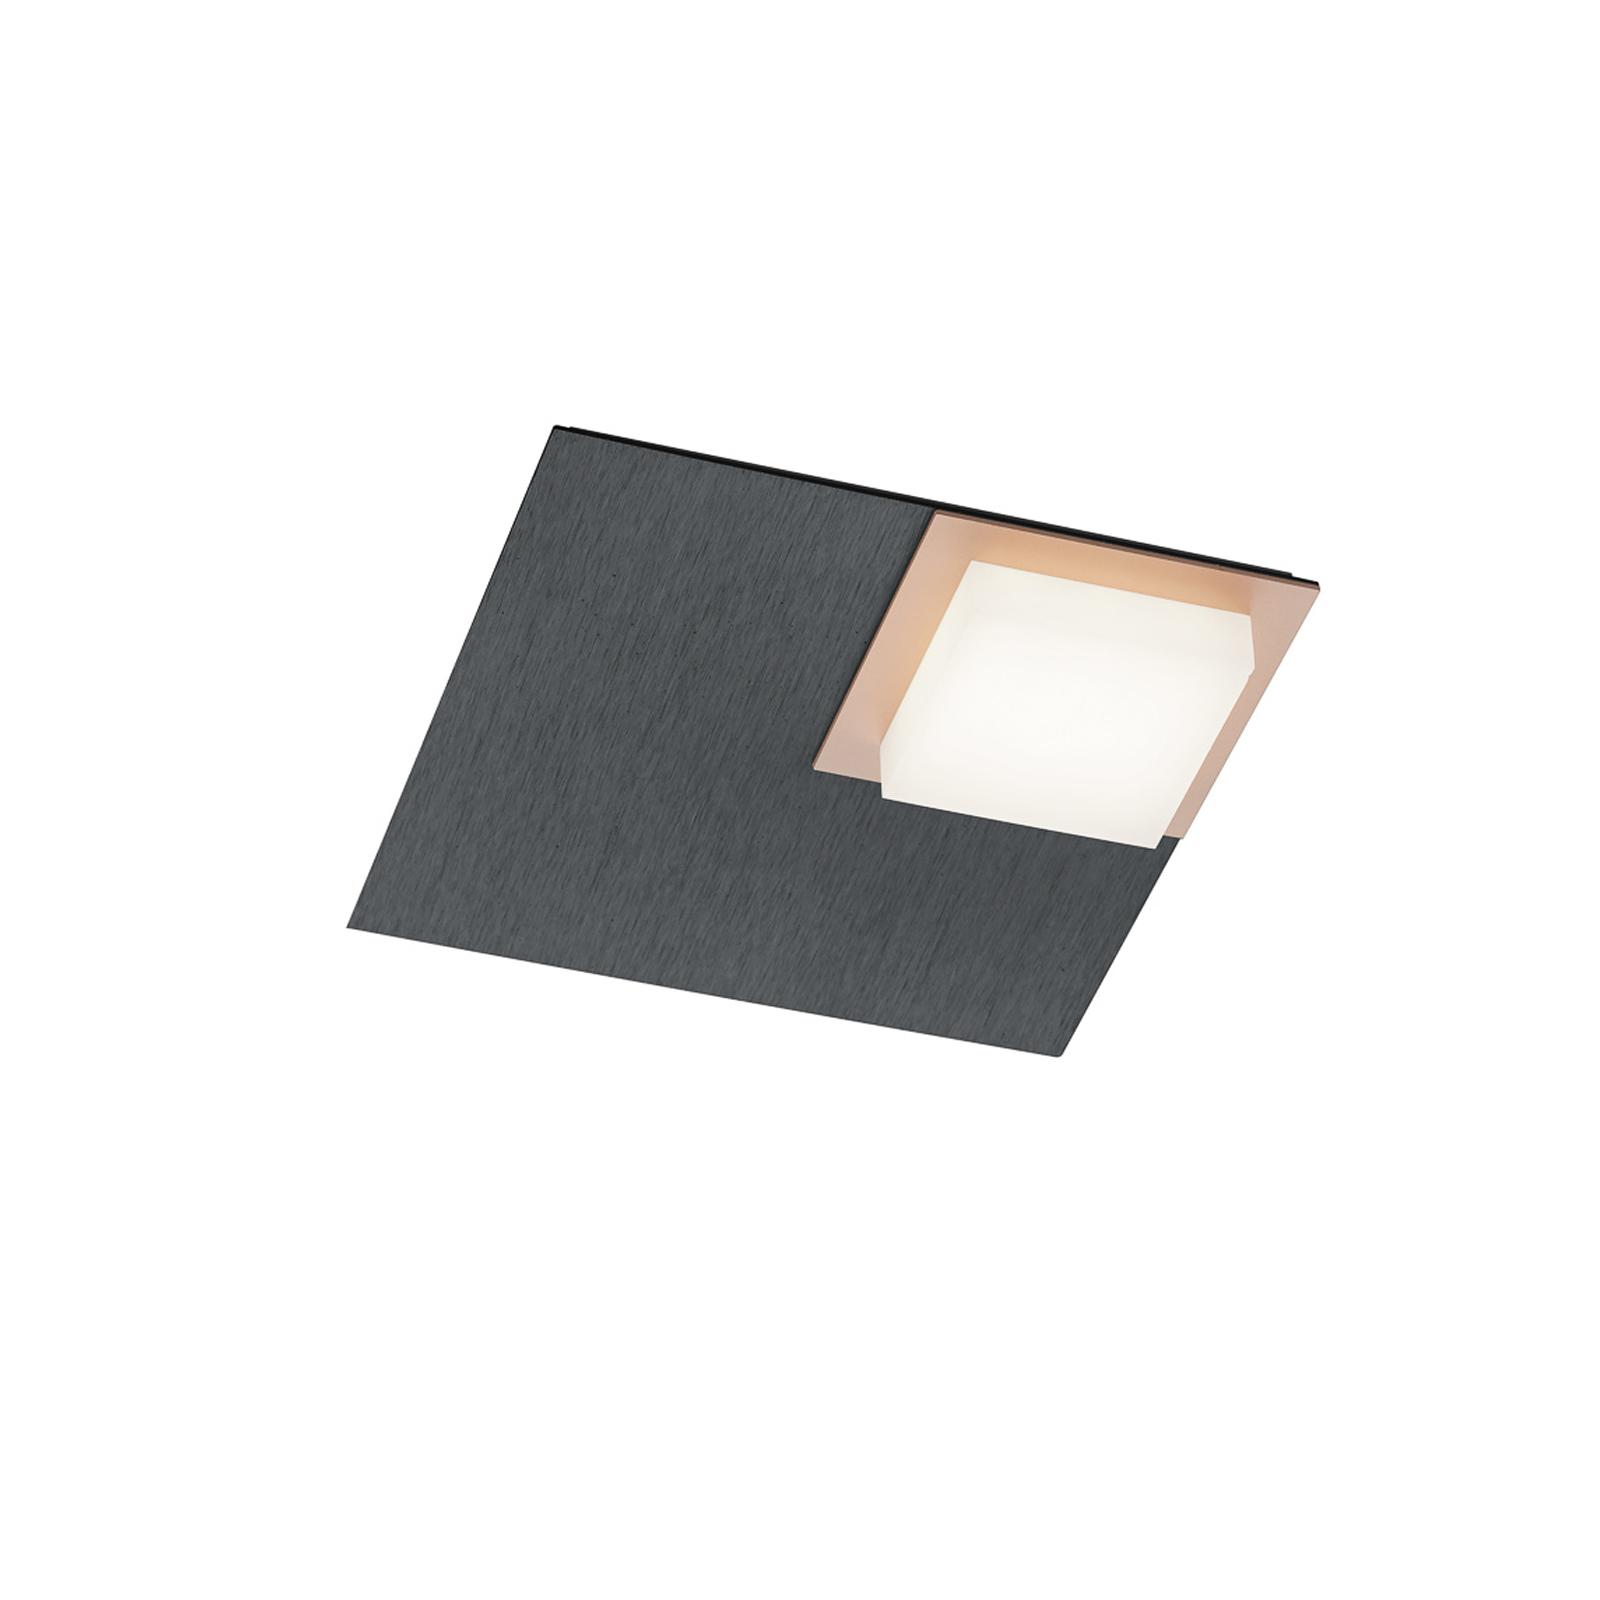 BANKAMP Quadro LED-taklampe 8W antrasitt